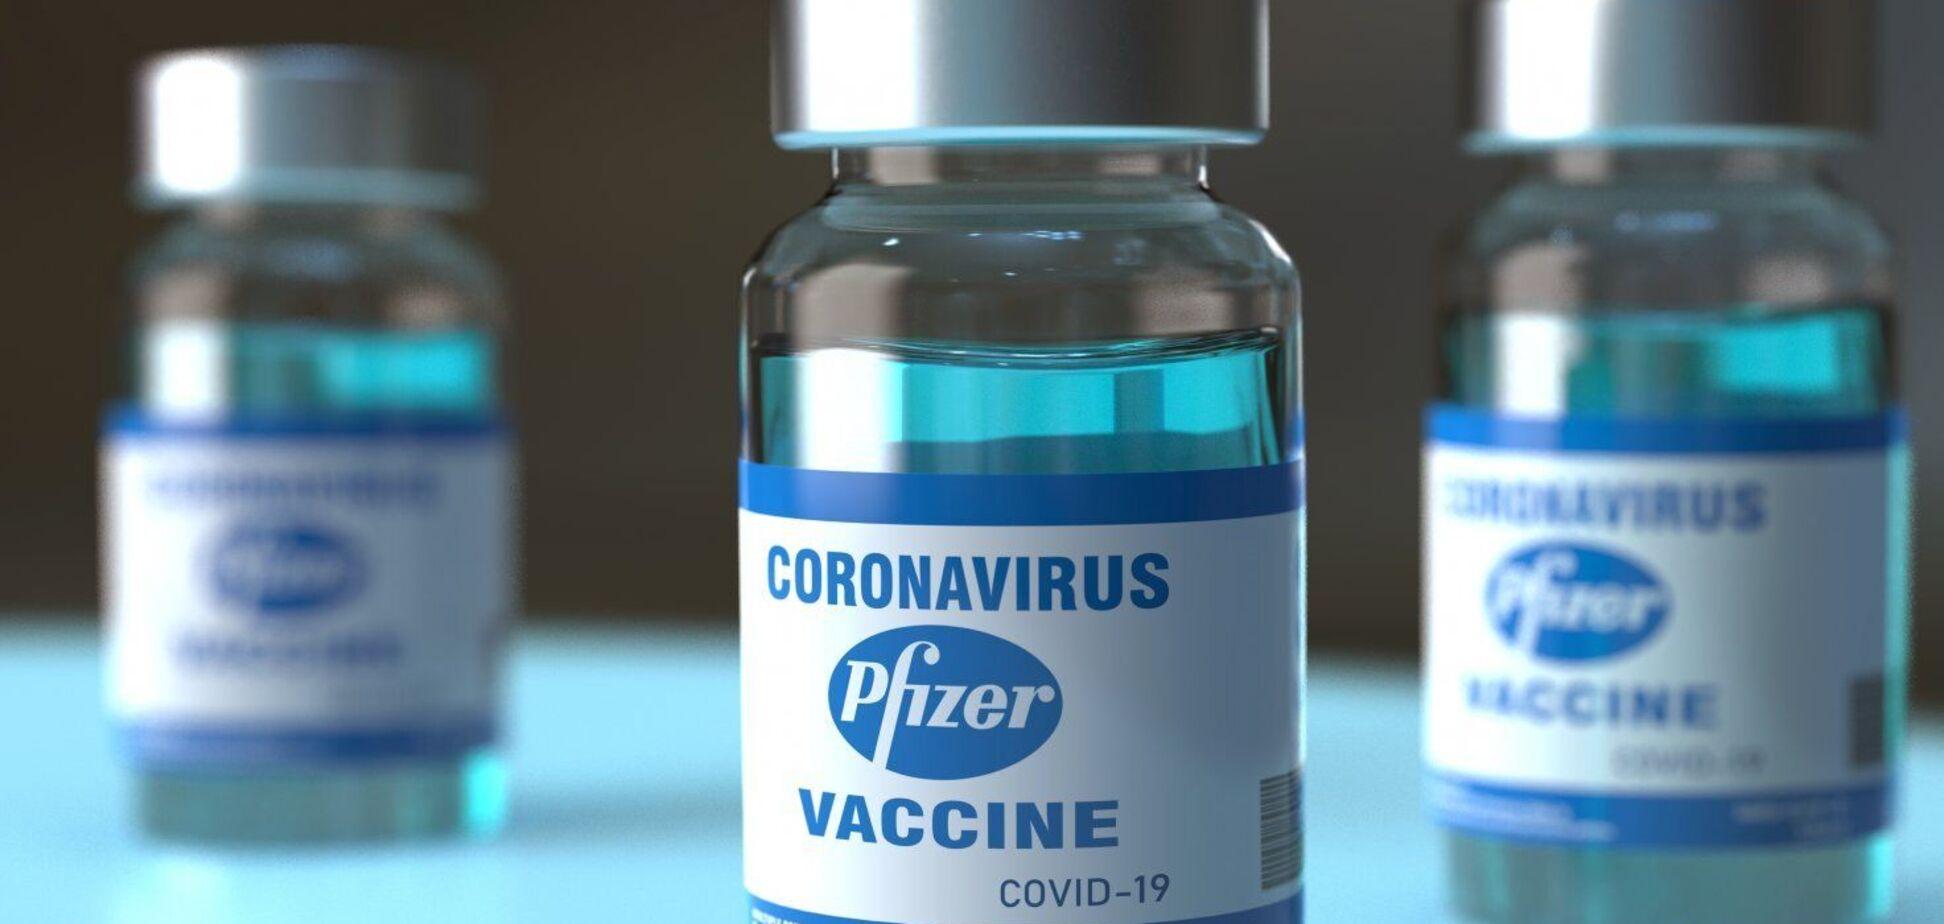 Исследователи определили реальную эффективность вакцины Pfizer от COVID-19